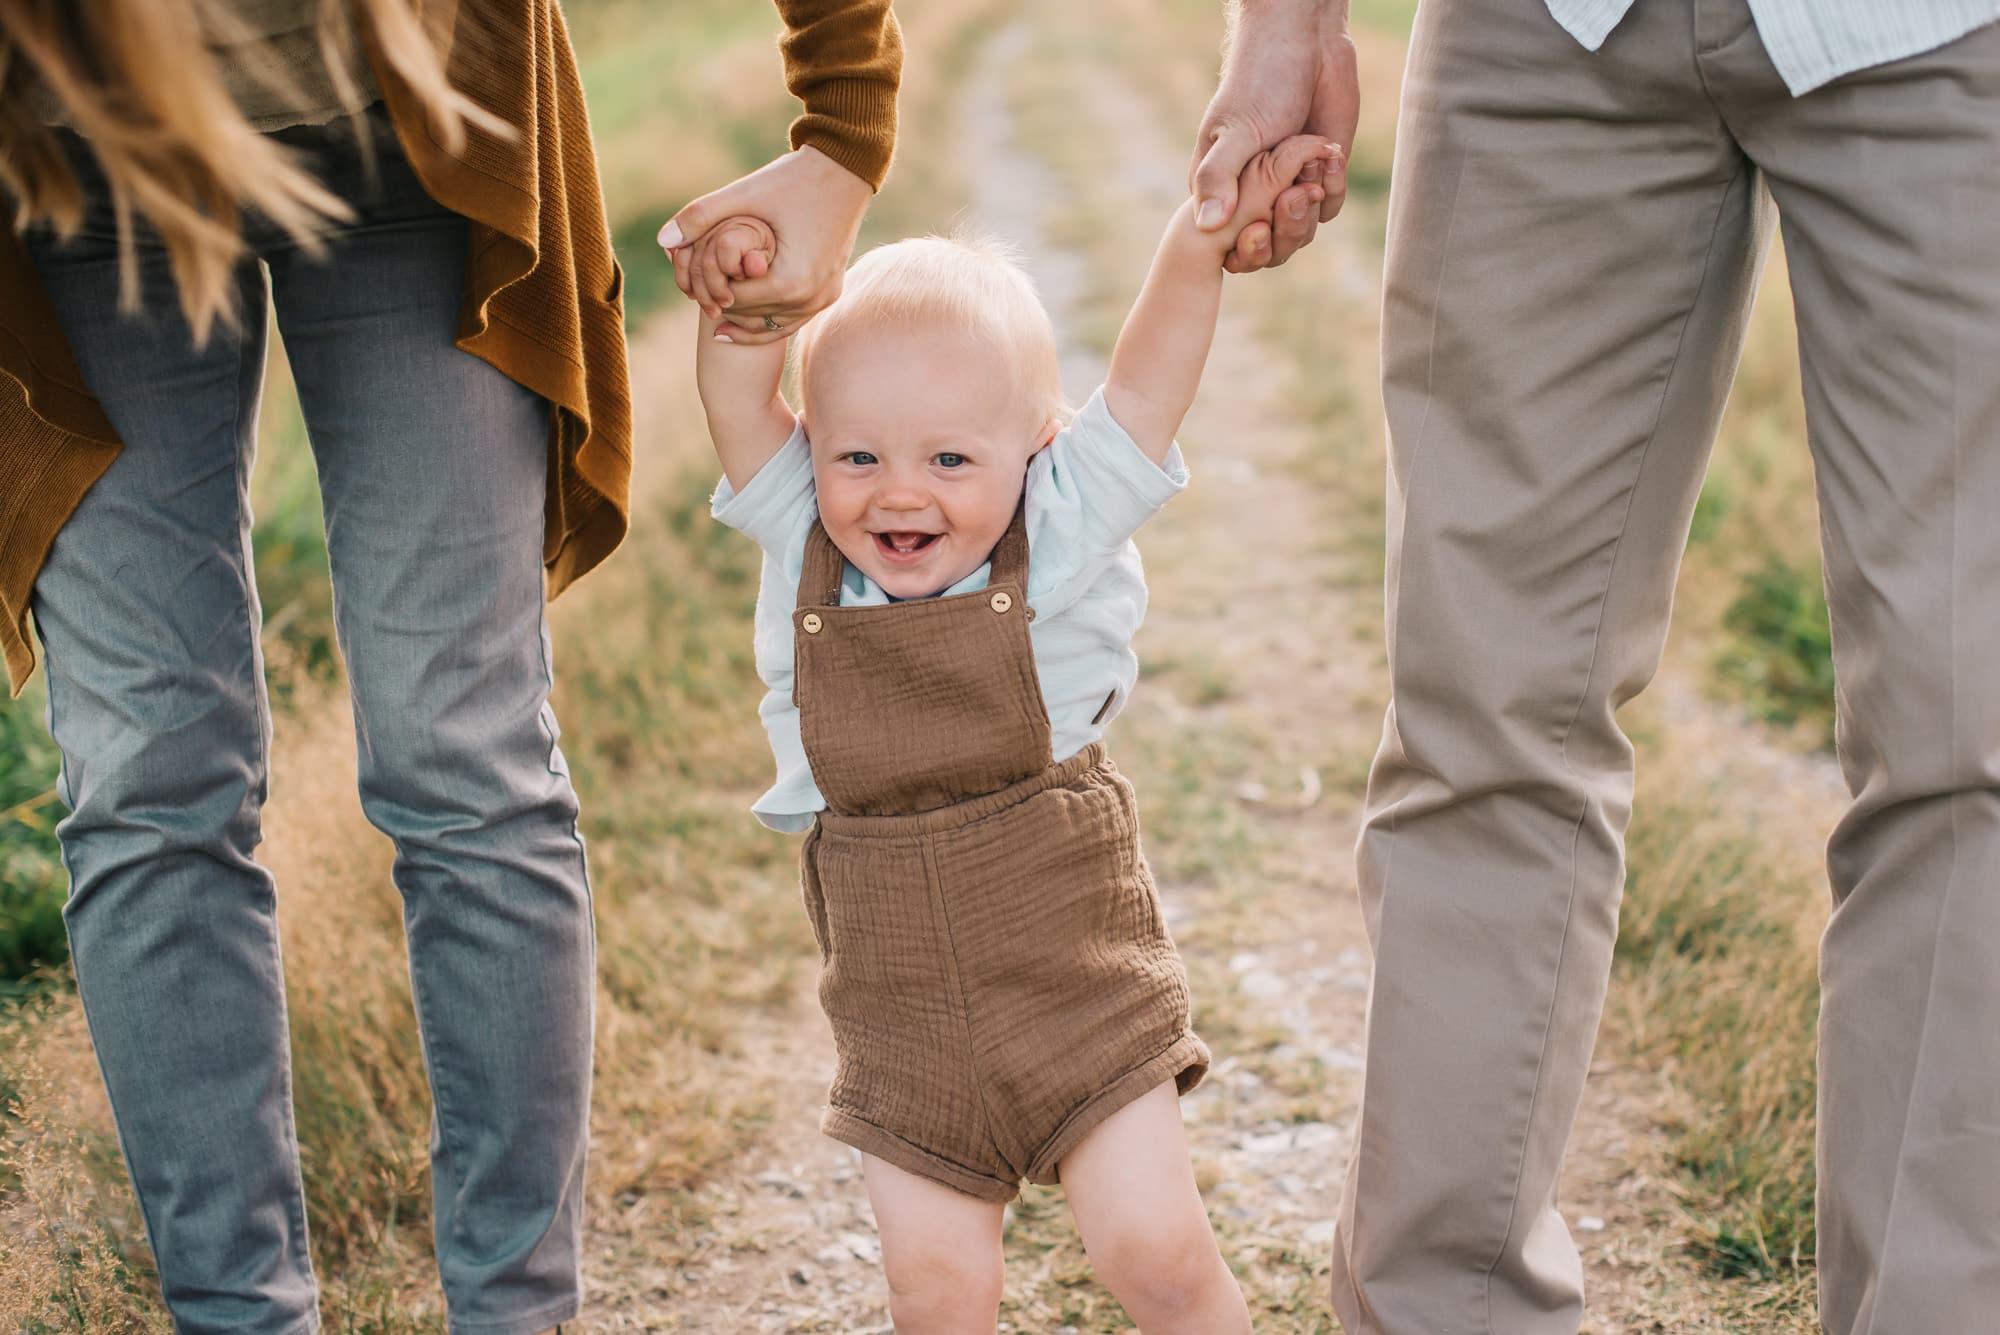 little boy walking between his parents